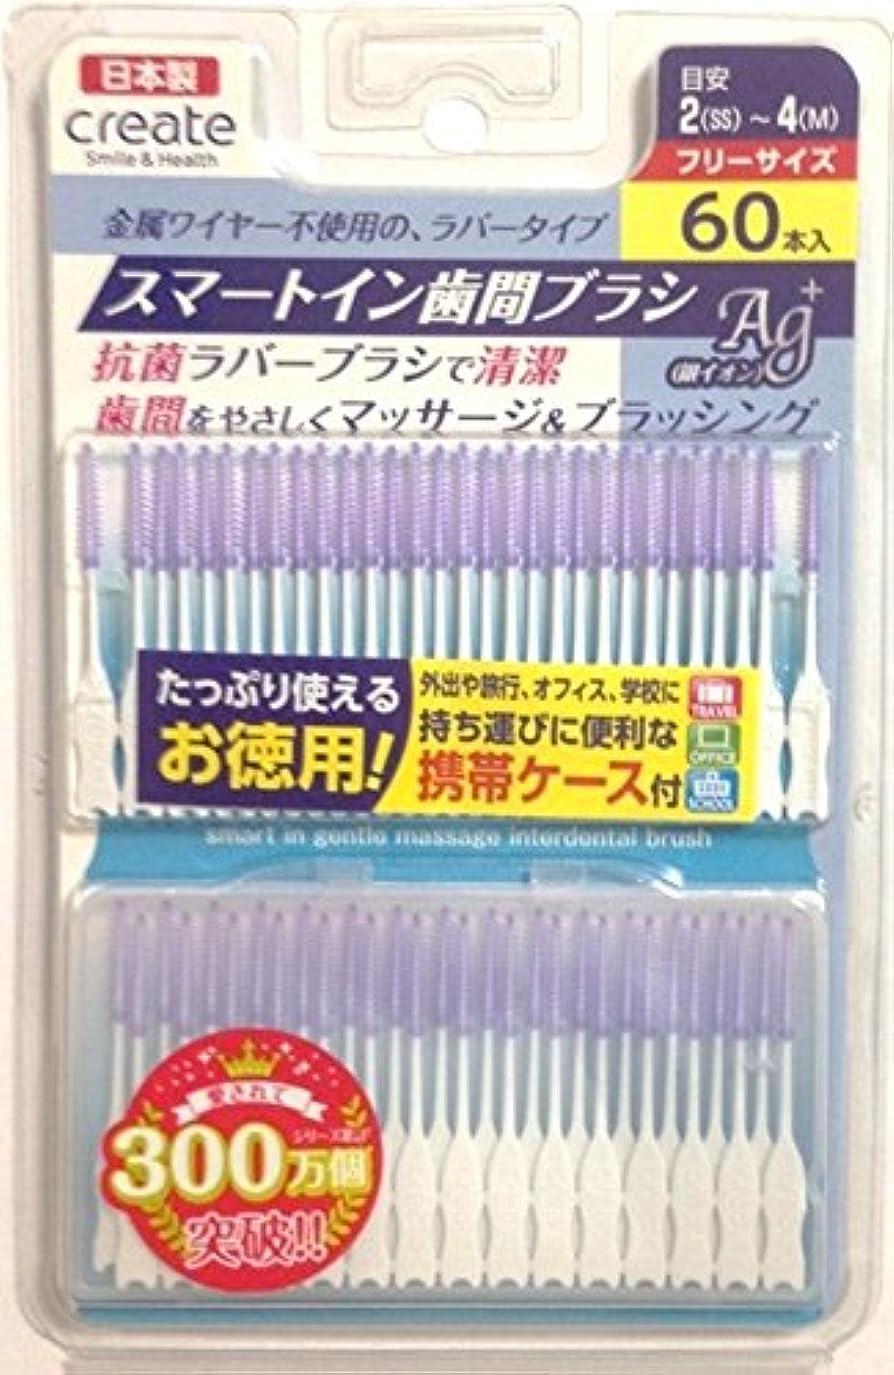 コンプリート免疫する祝うクリエイト スマートイン歯間ブラシ 2(SS)-4(M) 金属ワイヤー不使用?ラバータイプ お徳用 60本